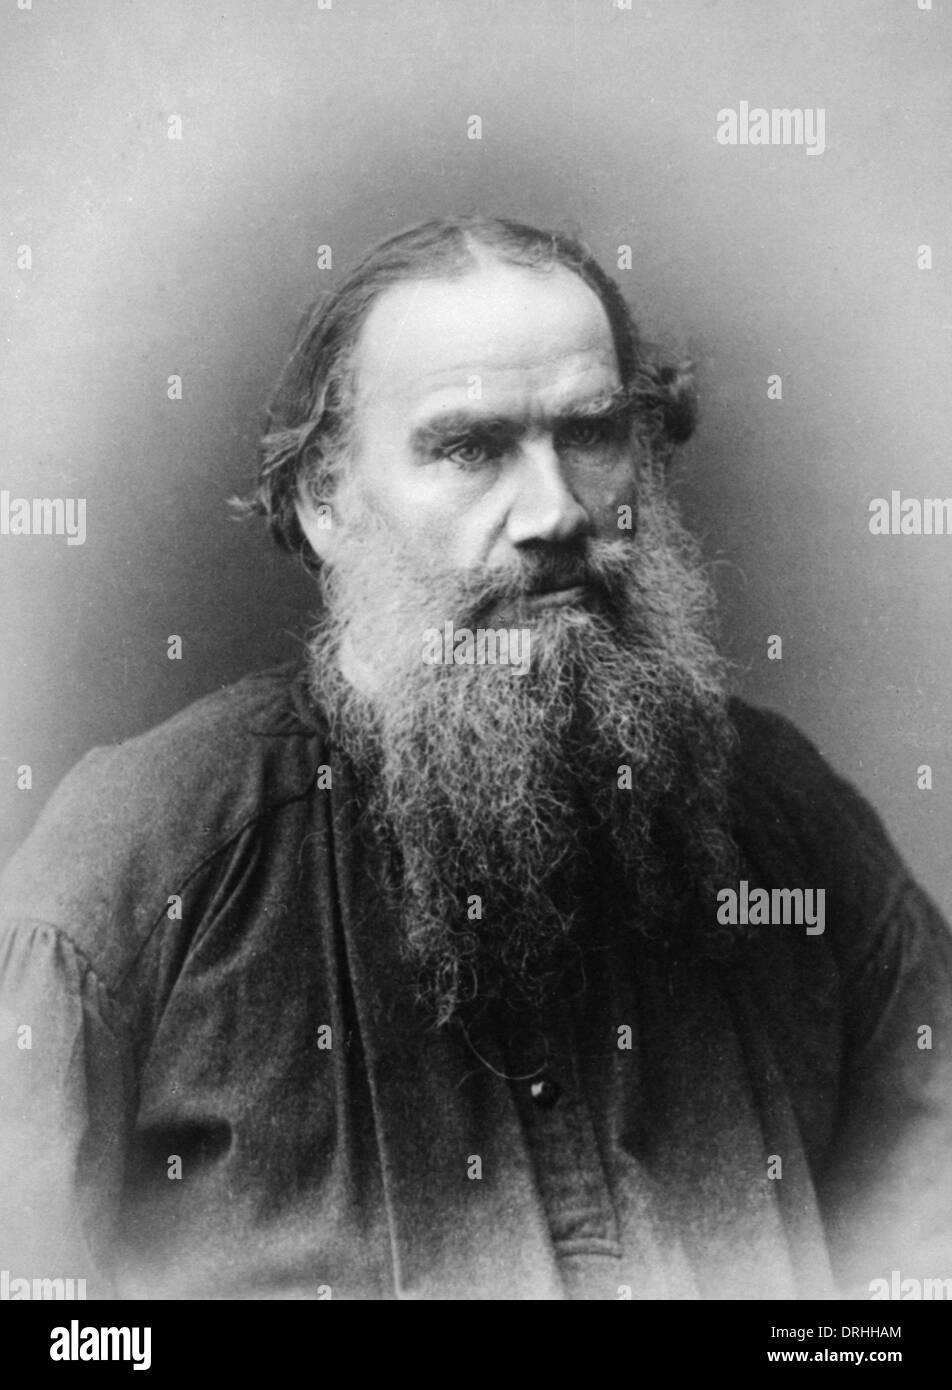 Portrait photograph of Leo Tolstoy - Stock Image